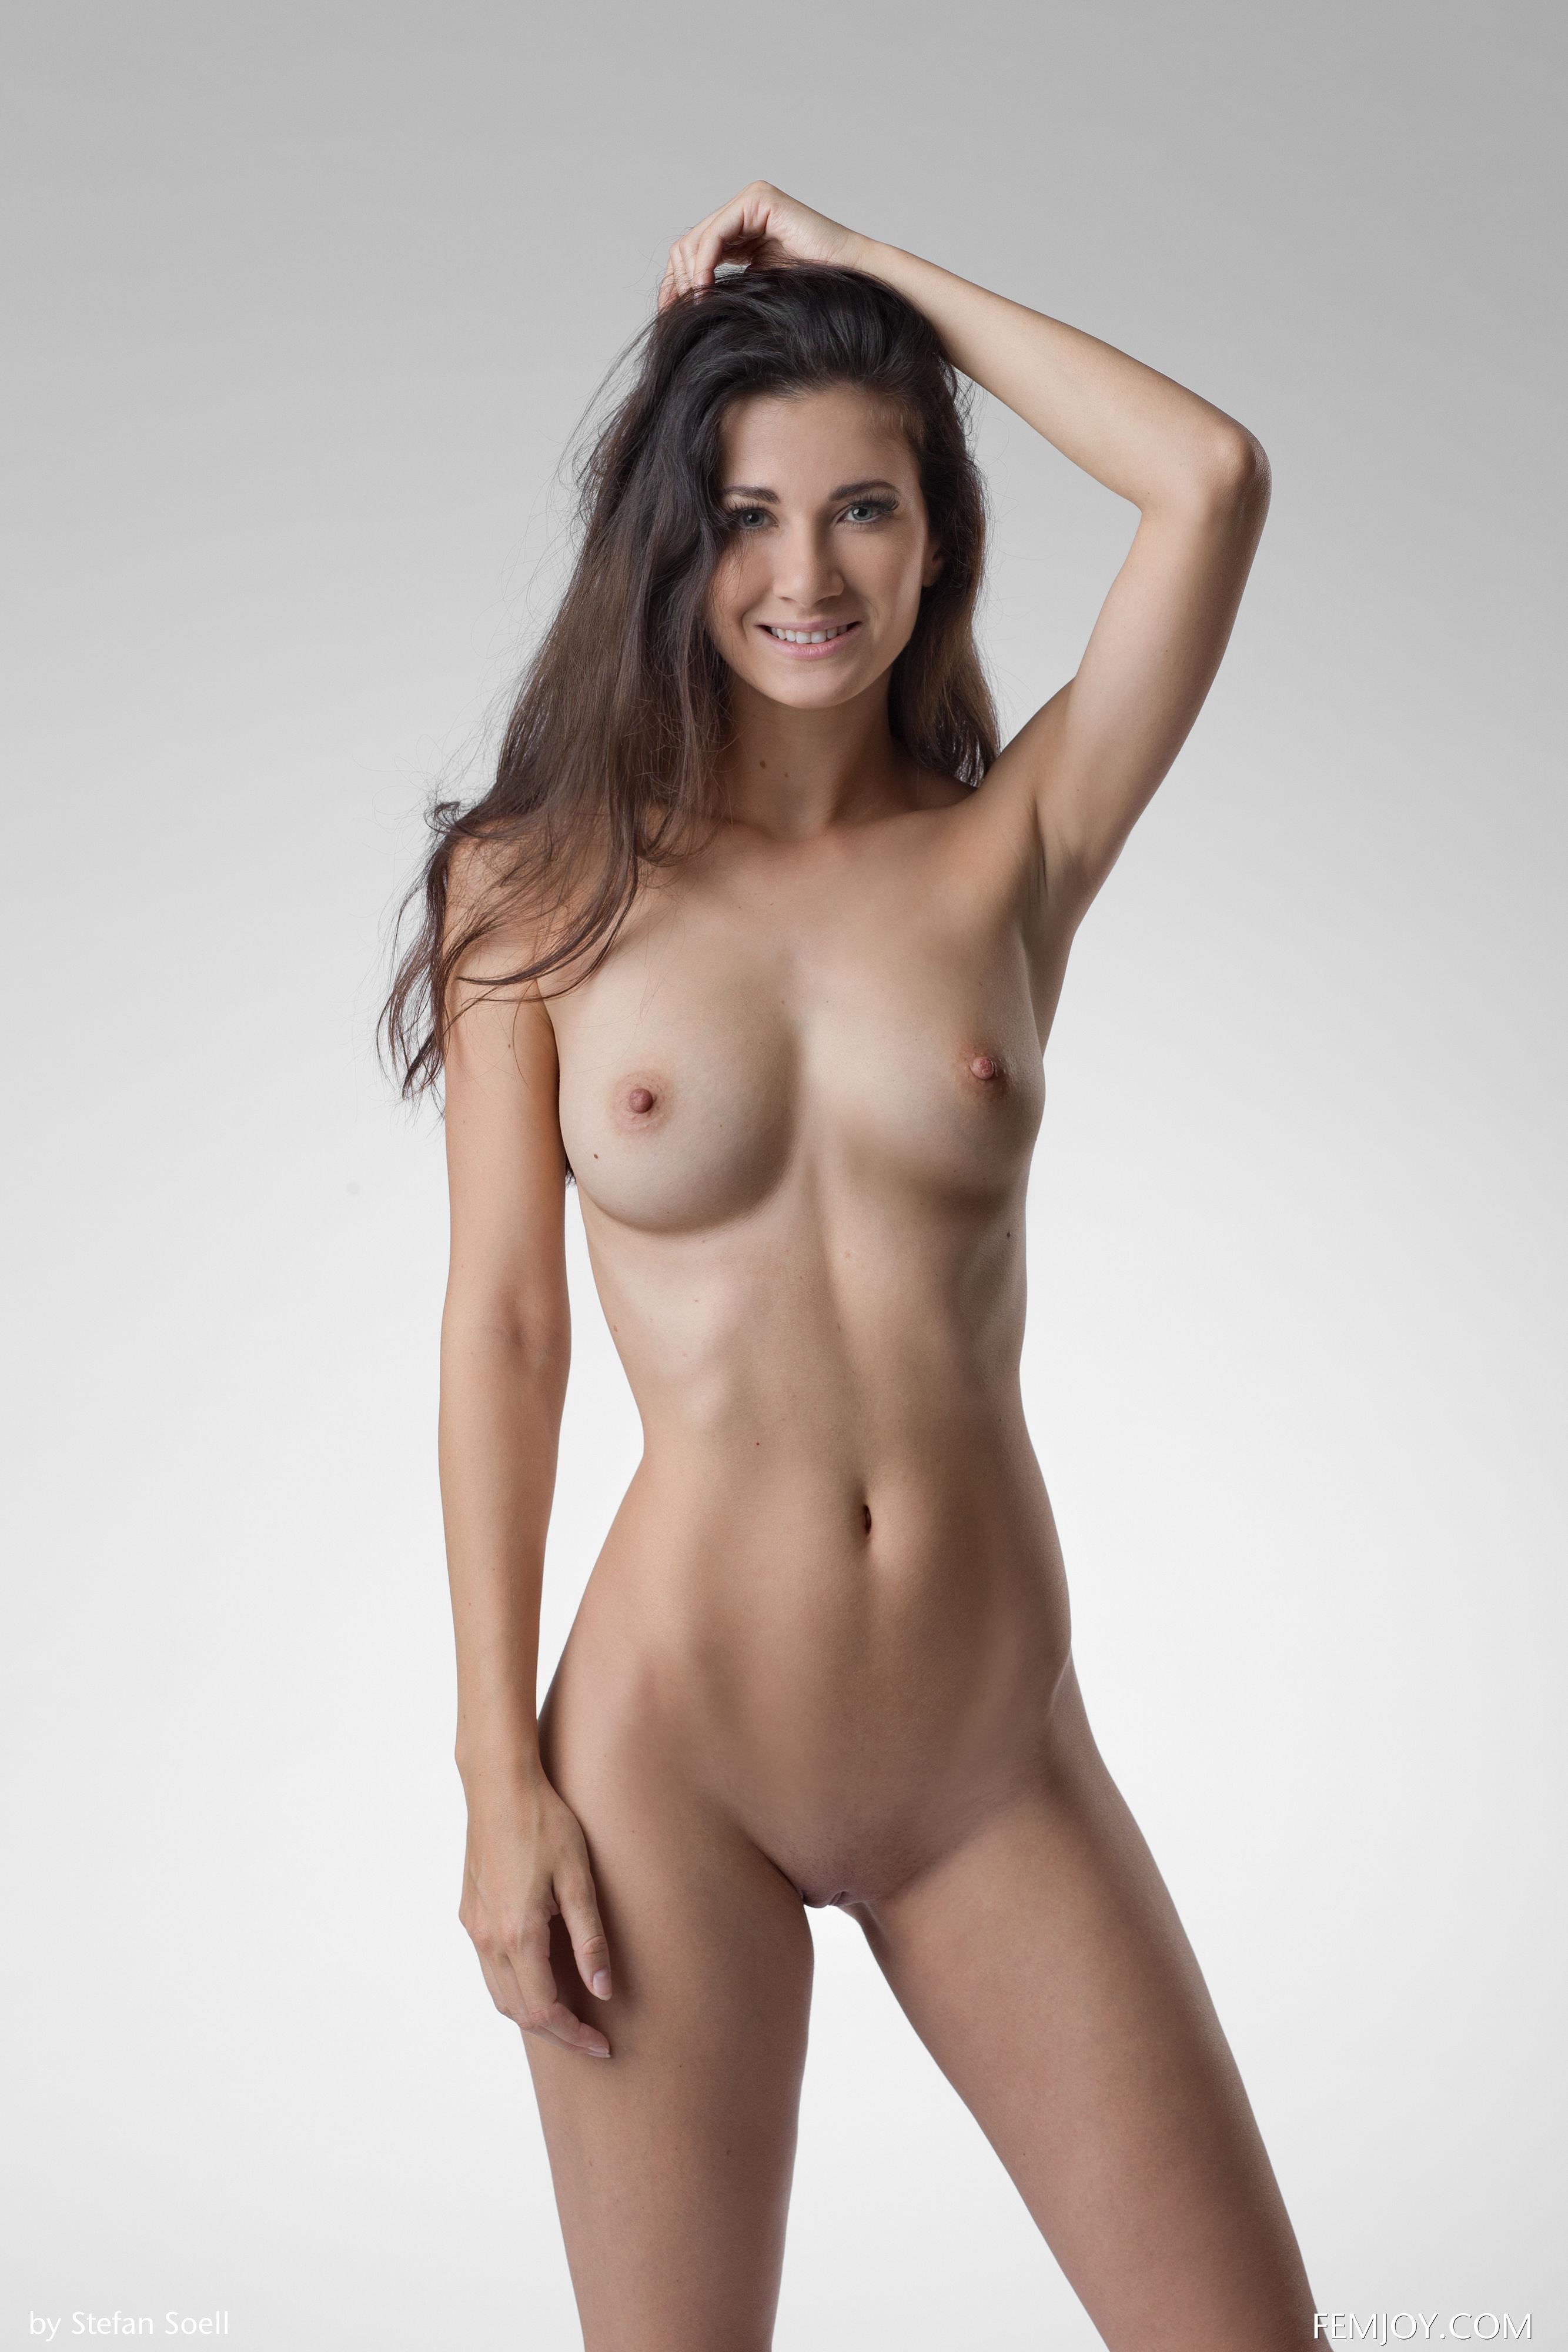 naked asian girl loves bieber